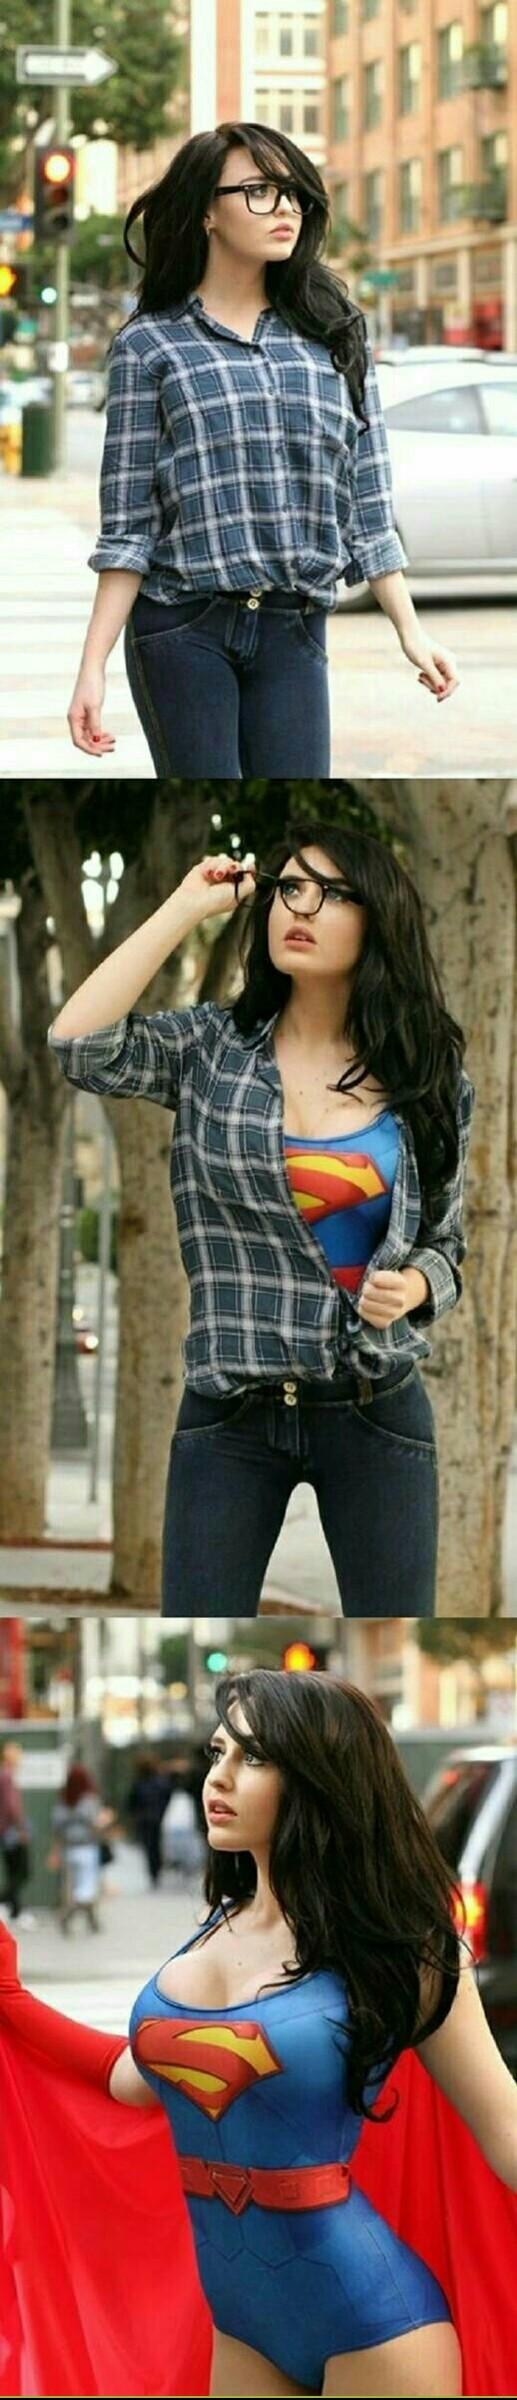 supergirl \ :v / - meme